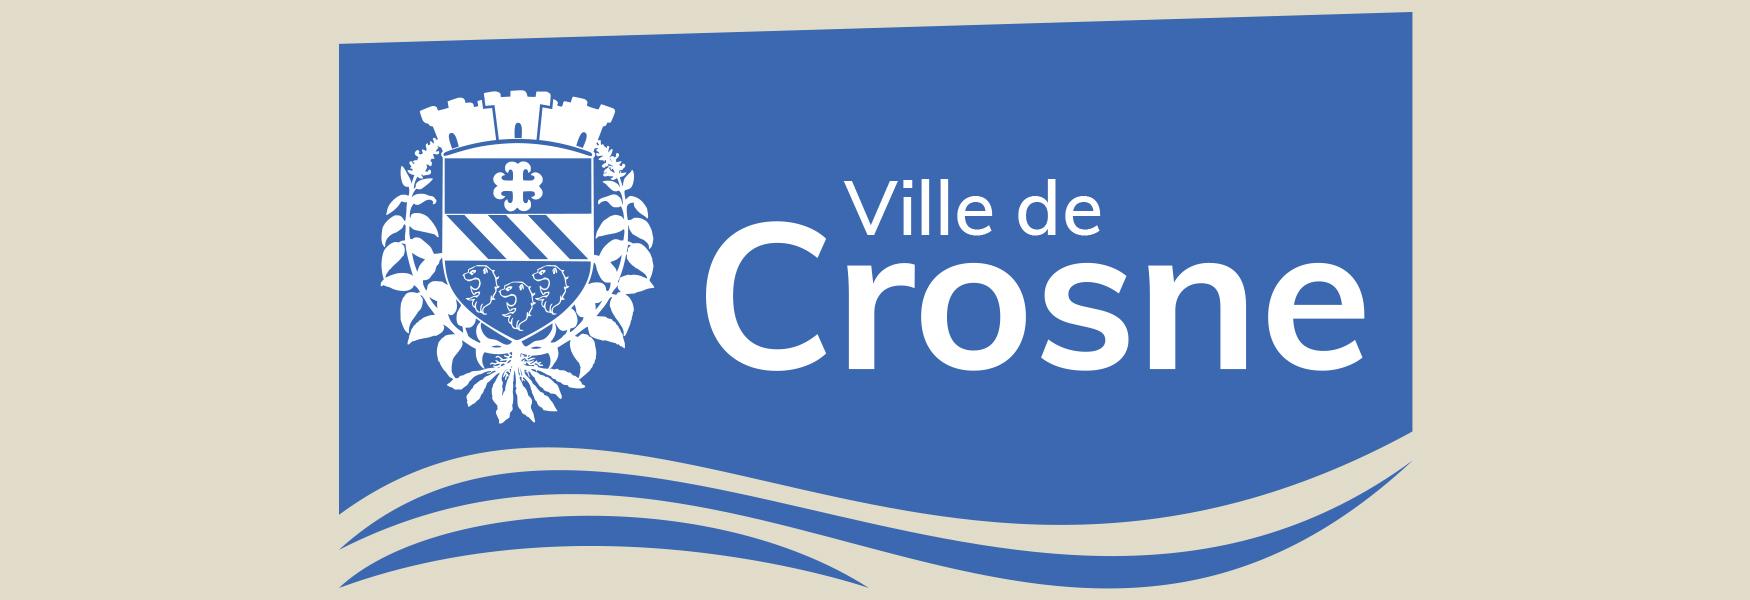 Charte graphique et logo